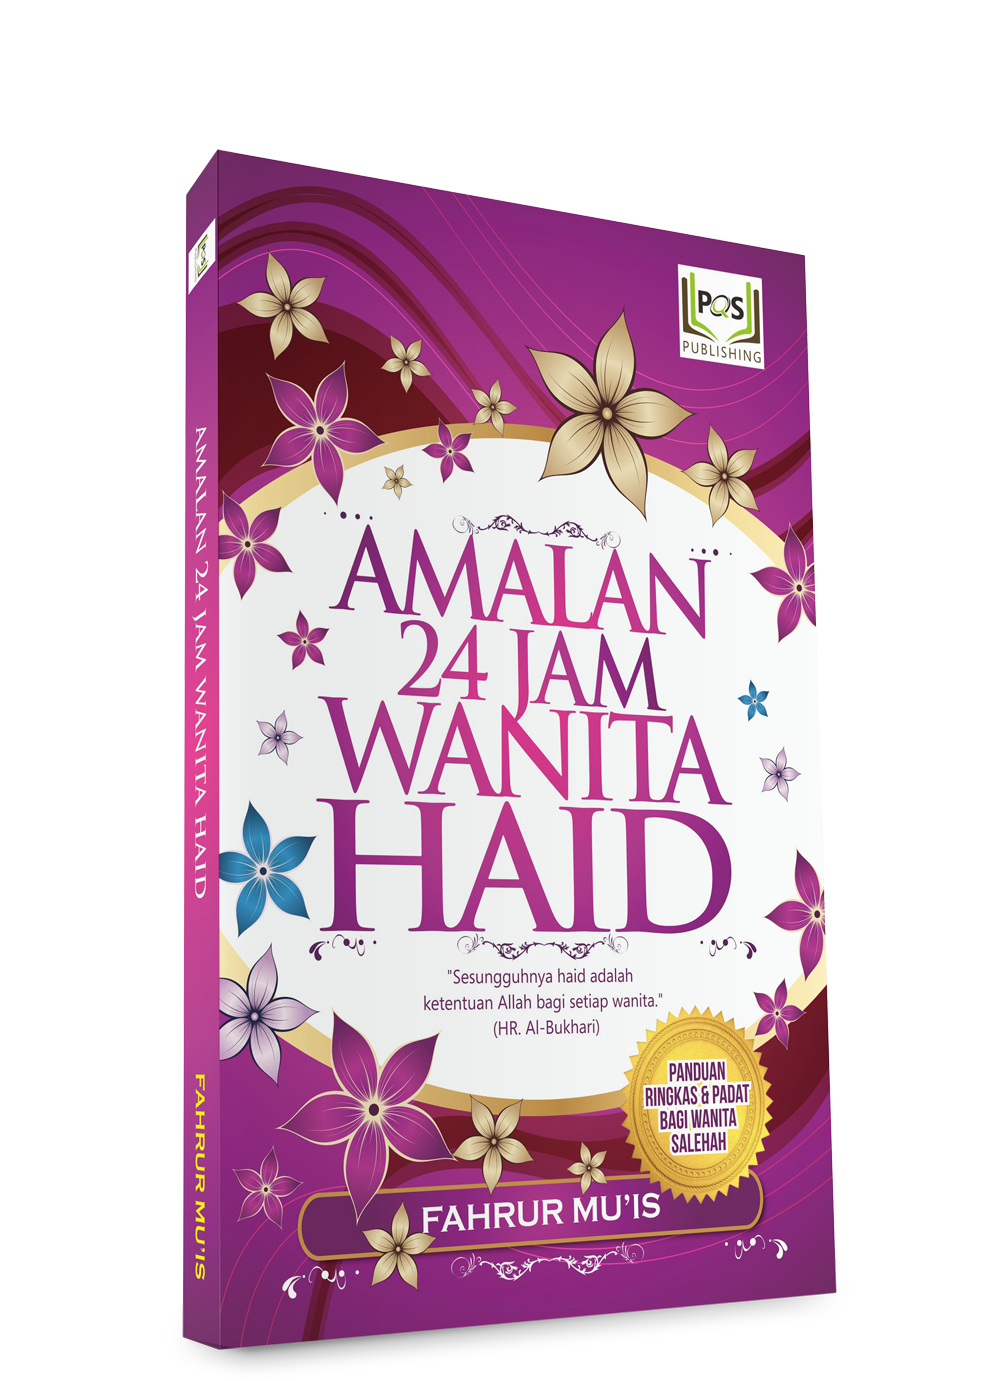 Amalan Haid